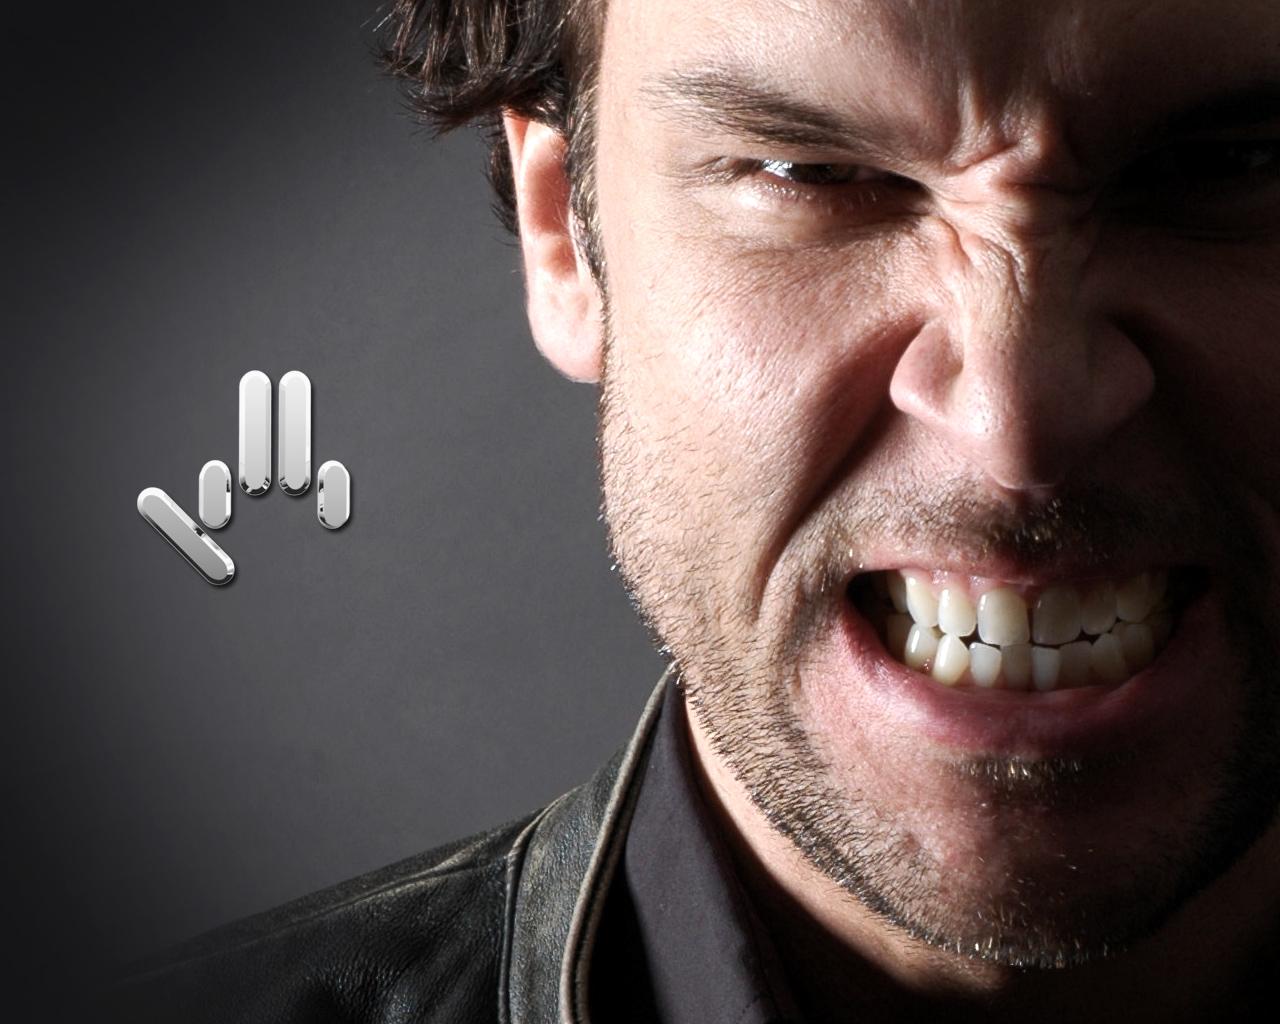 Гнев контролирует, гнев наказывает, гнев мстит.